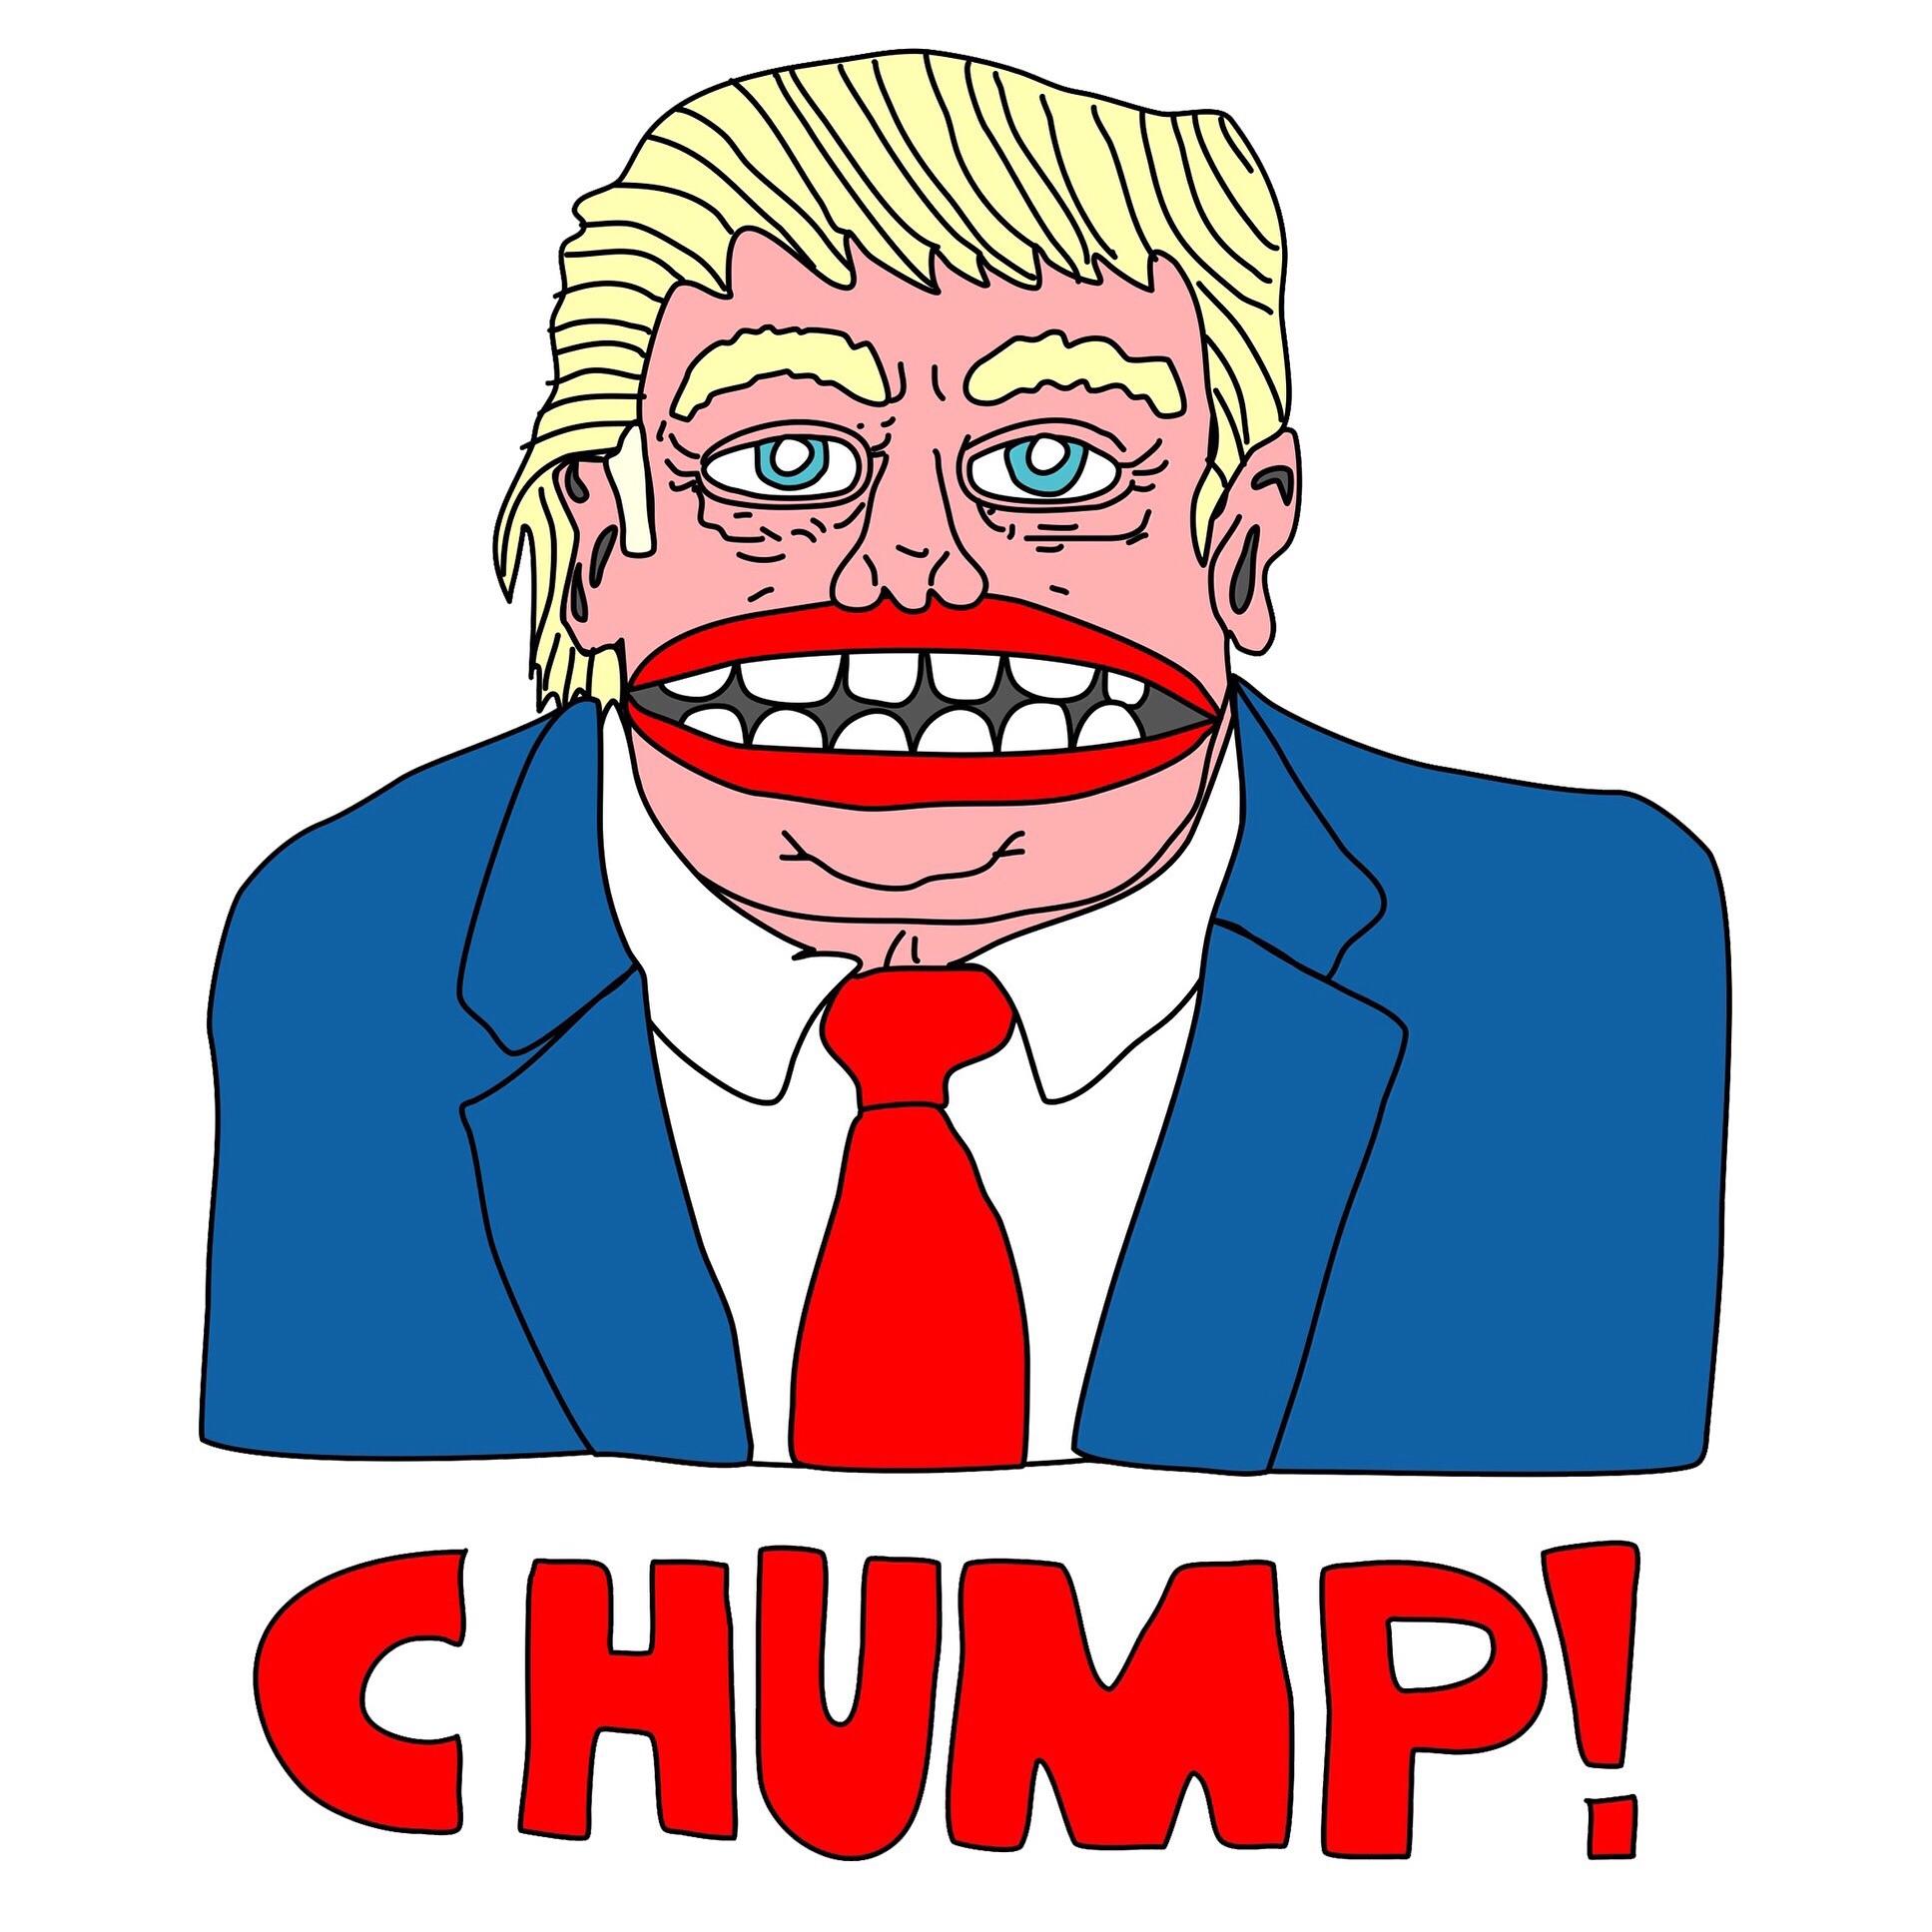 Goons, 'Chump', 2015.